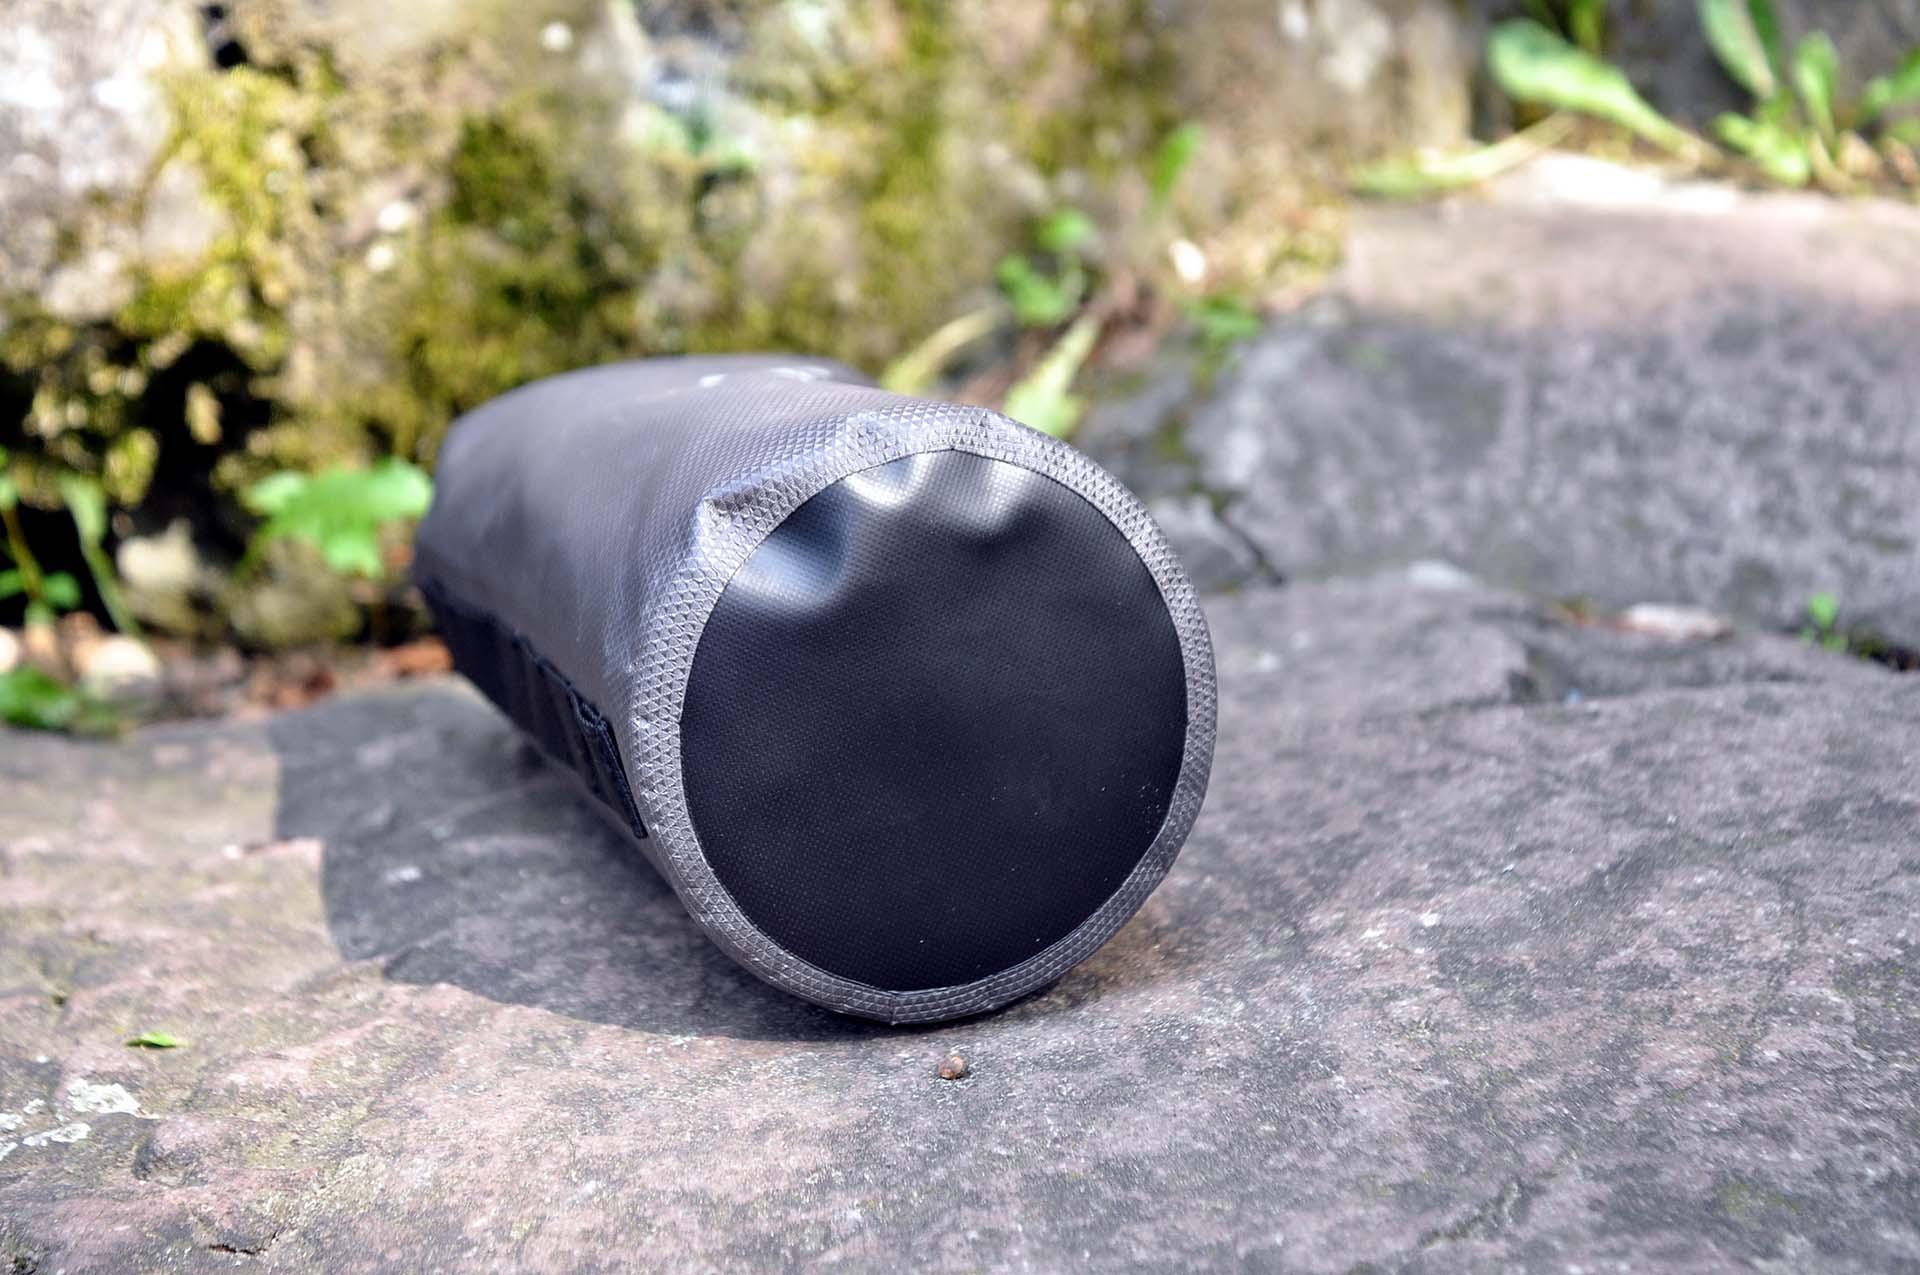 Itthon is elérhetők a Geosmina táskák-2